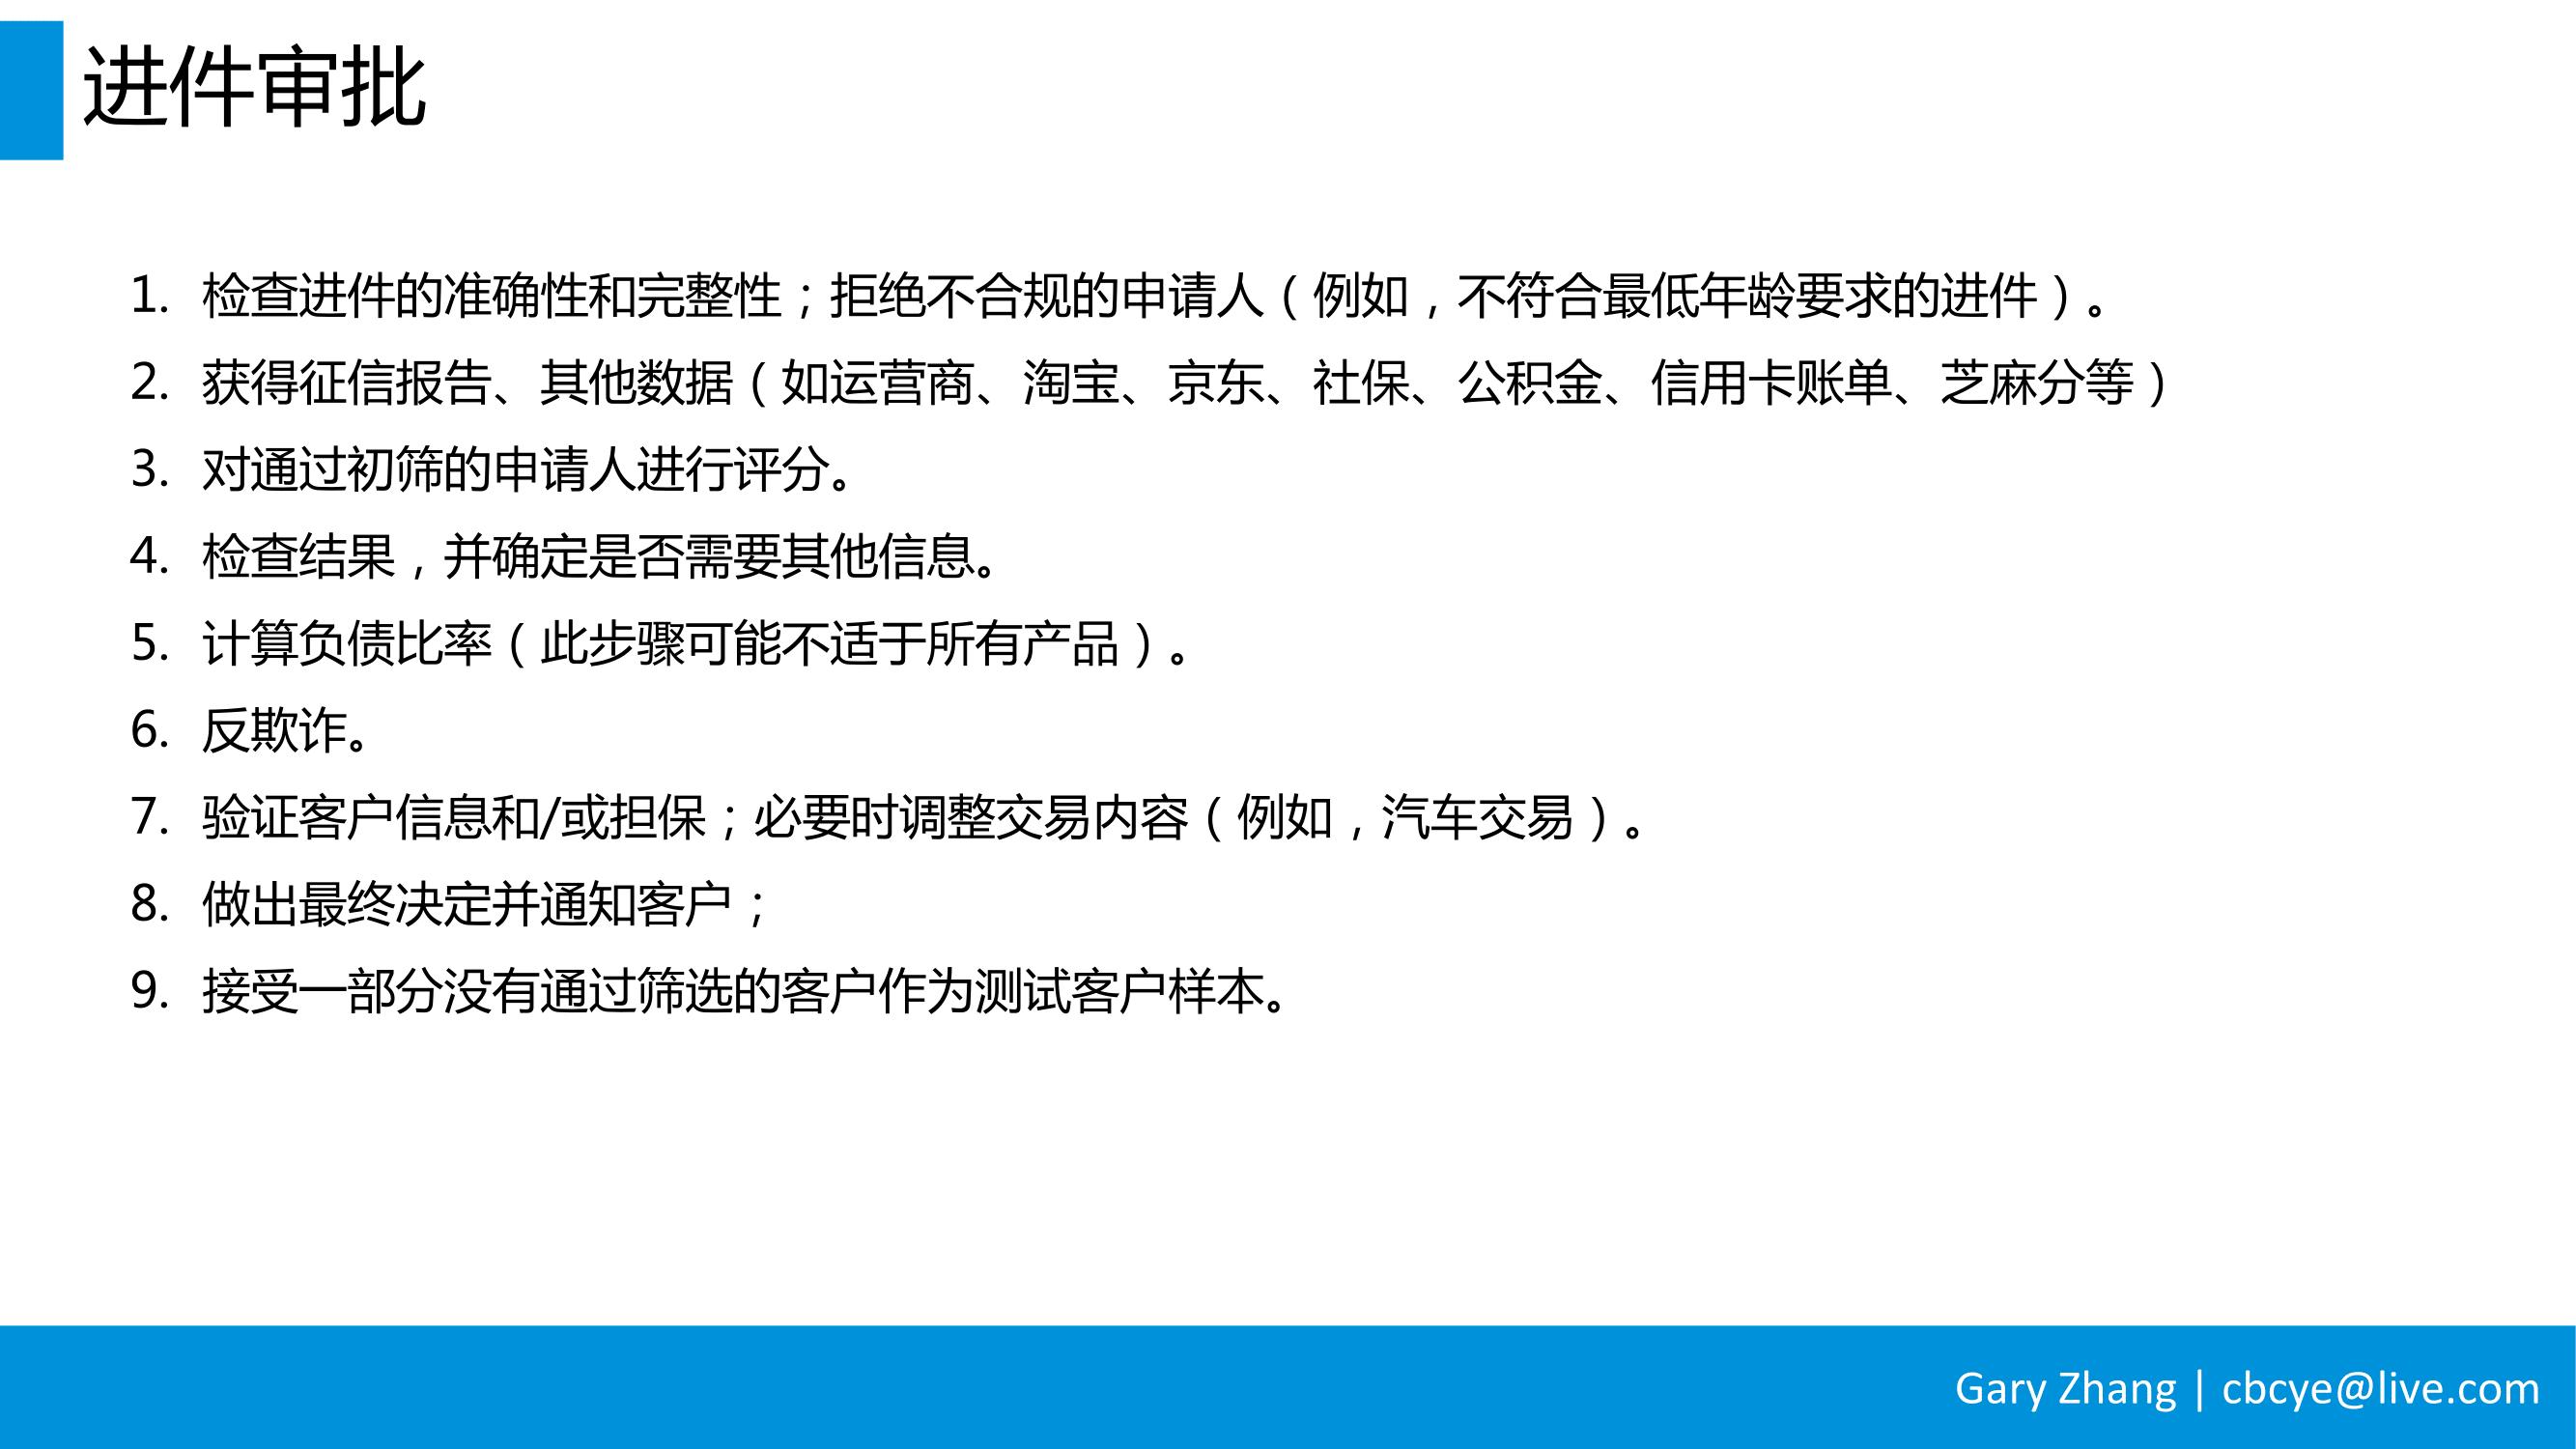 消费金融业务全流程指南_v1.0-040